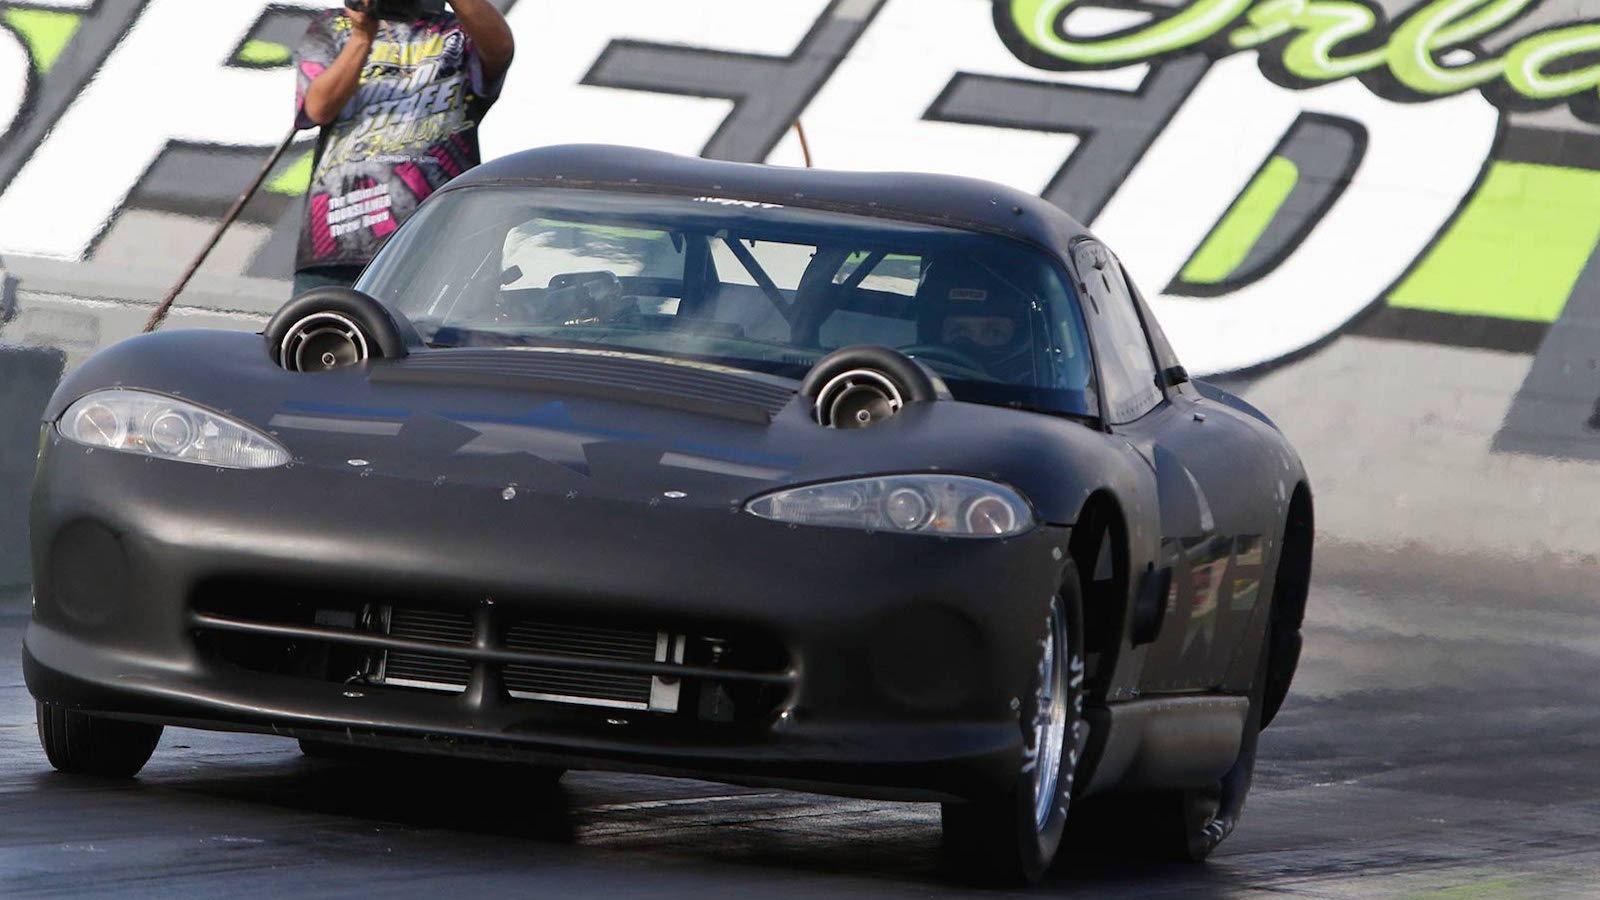 World's Fastest Viper Runs 6 78 in the Quarter Mile | Dodgeforum